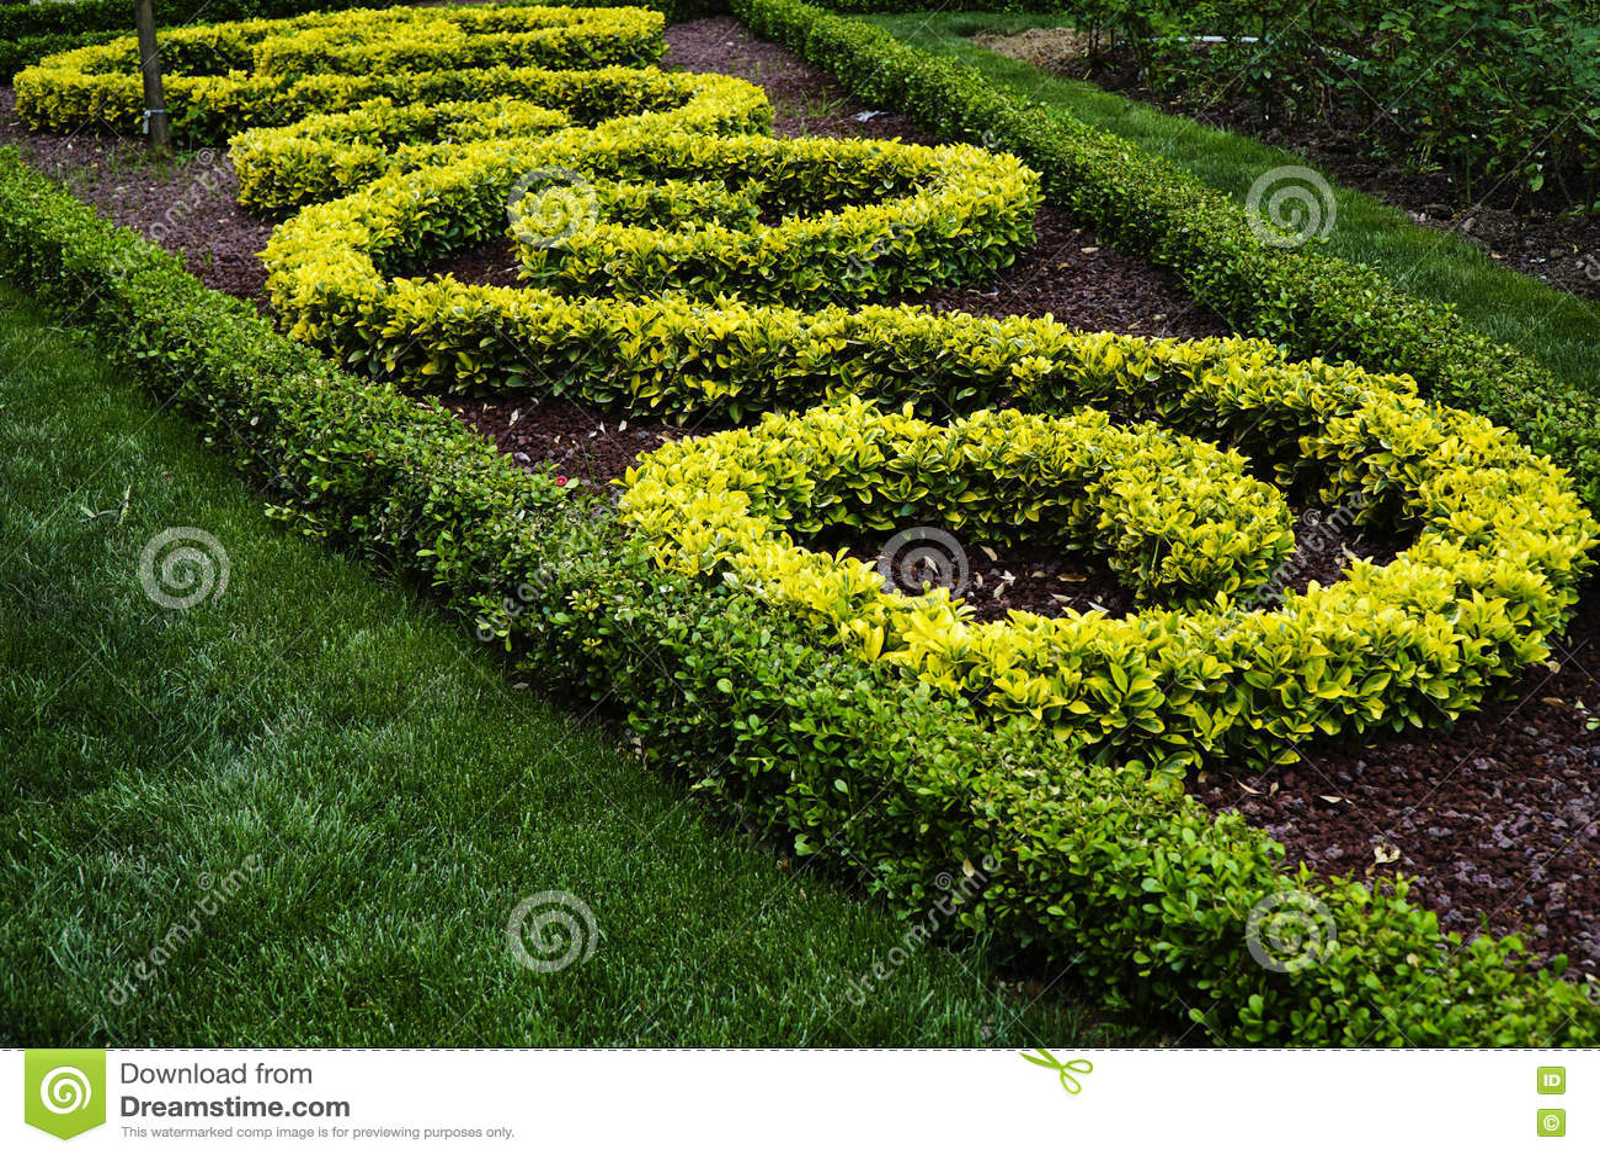 Arbustos ornamentales en un parque imagen de archivo for Arbustos ornamentales